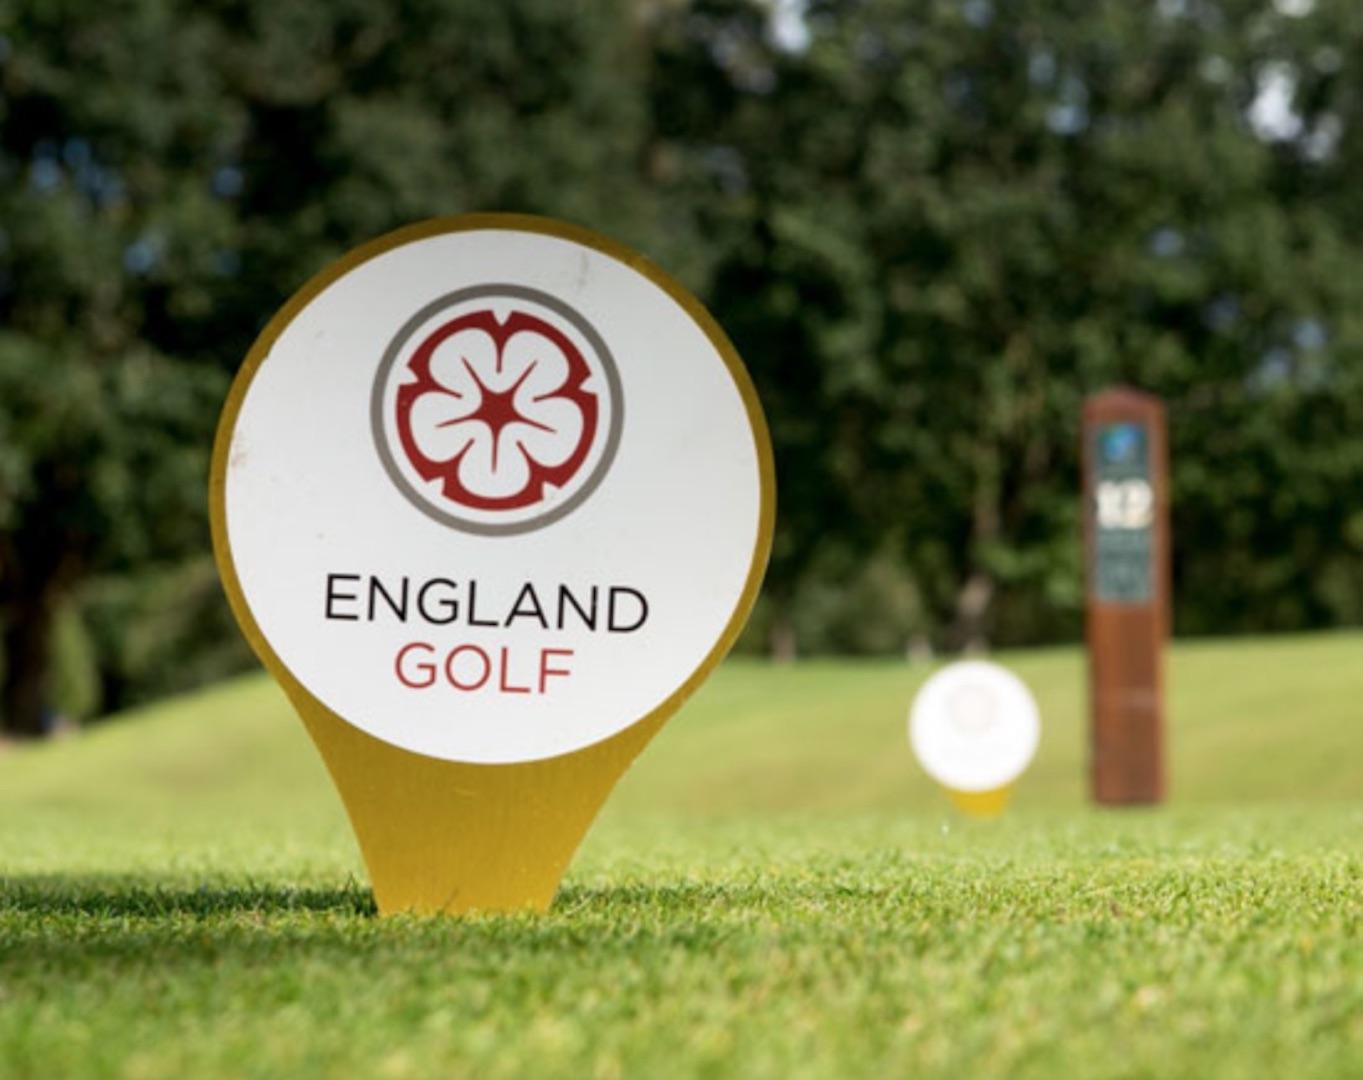 England Golf clamp down on bandits